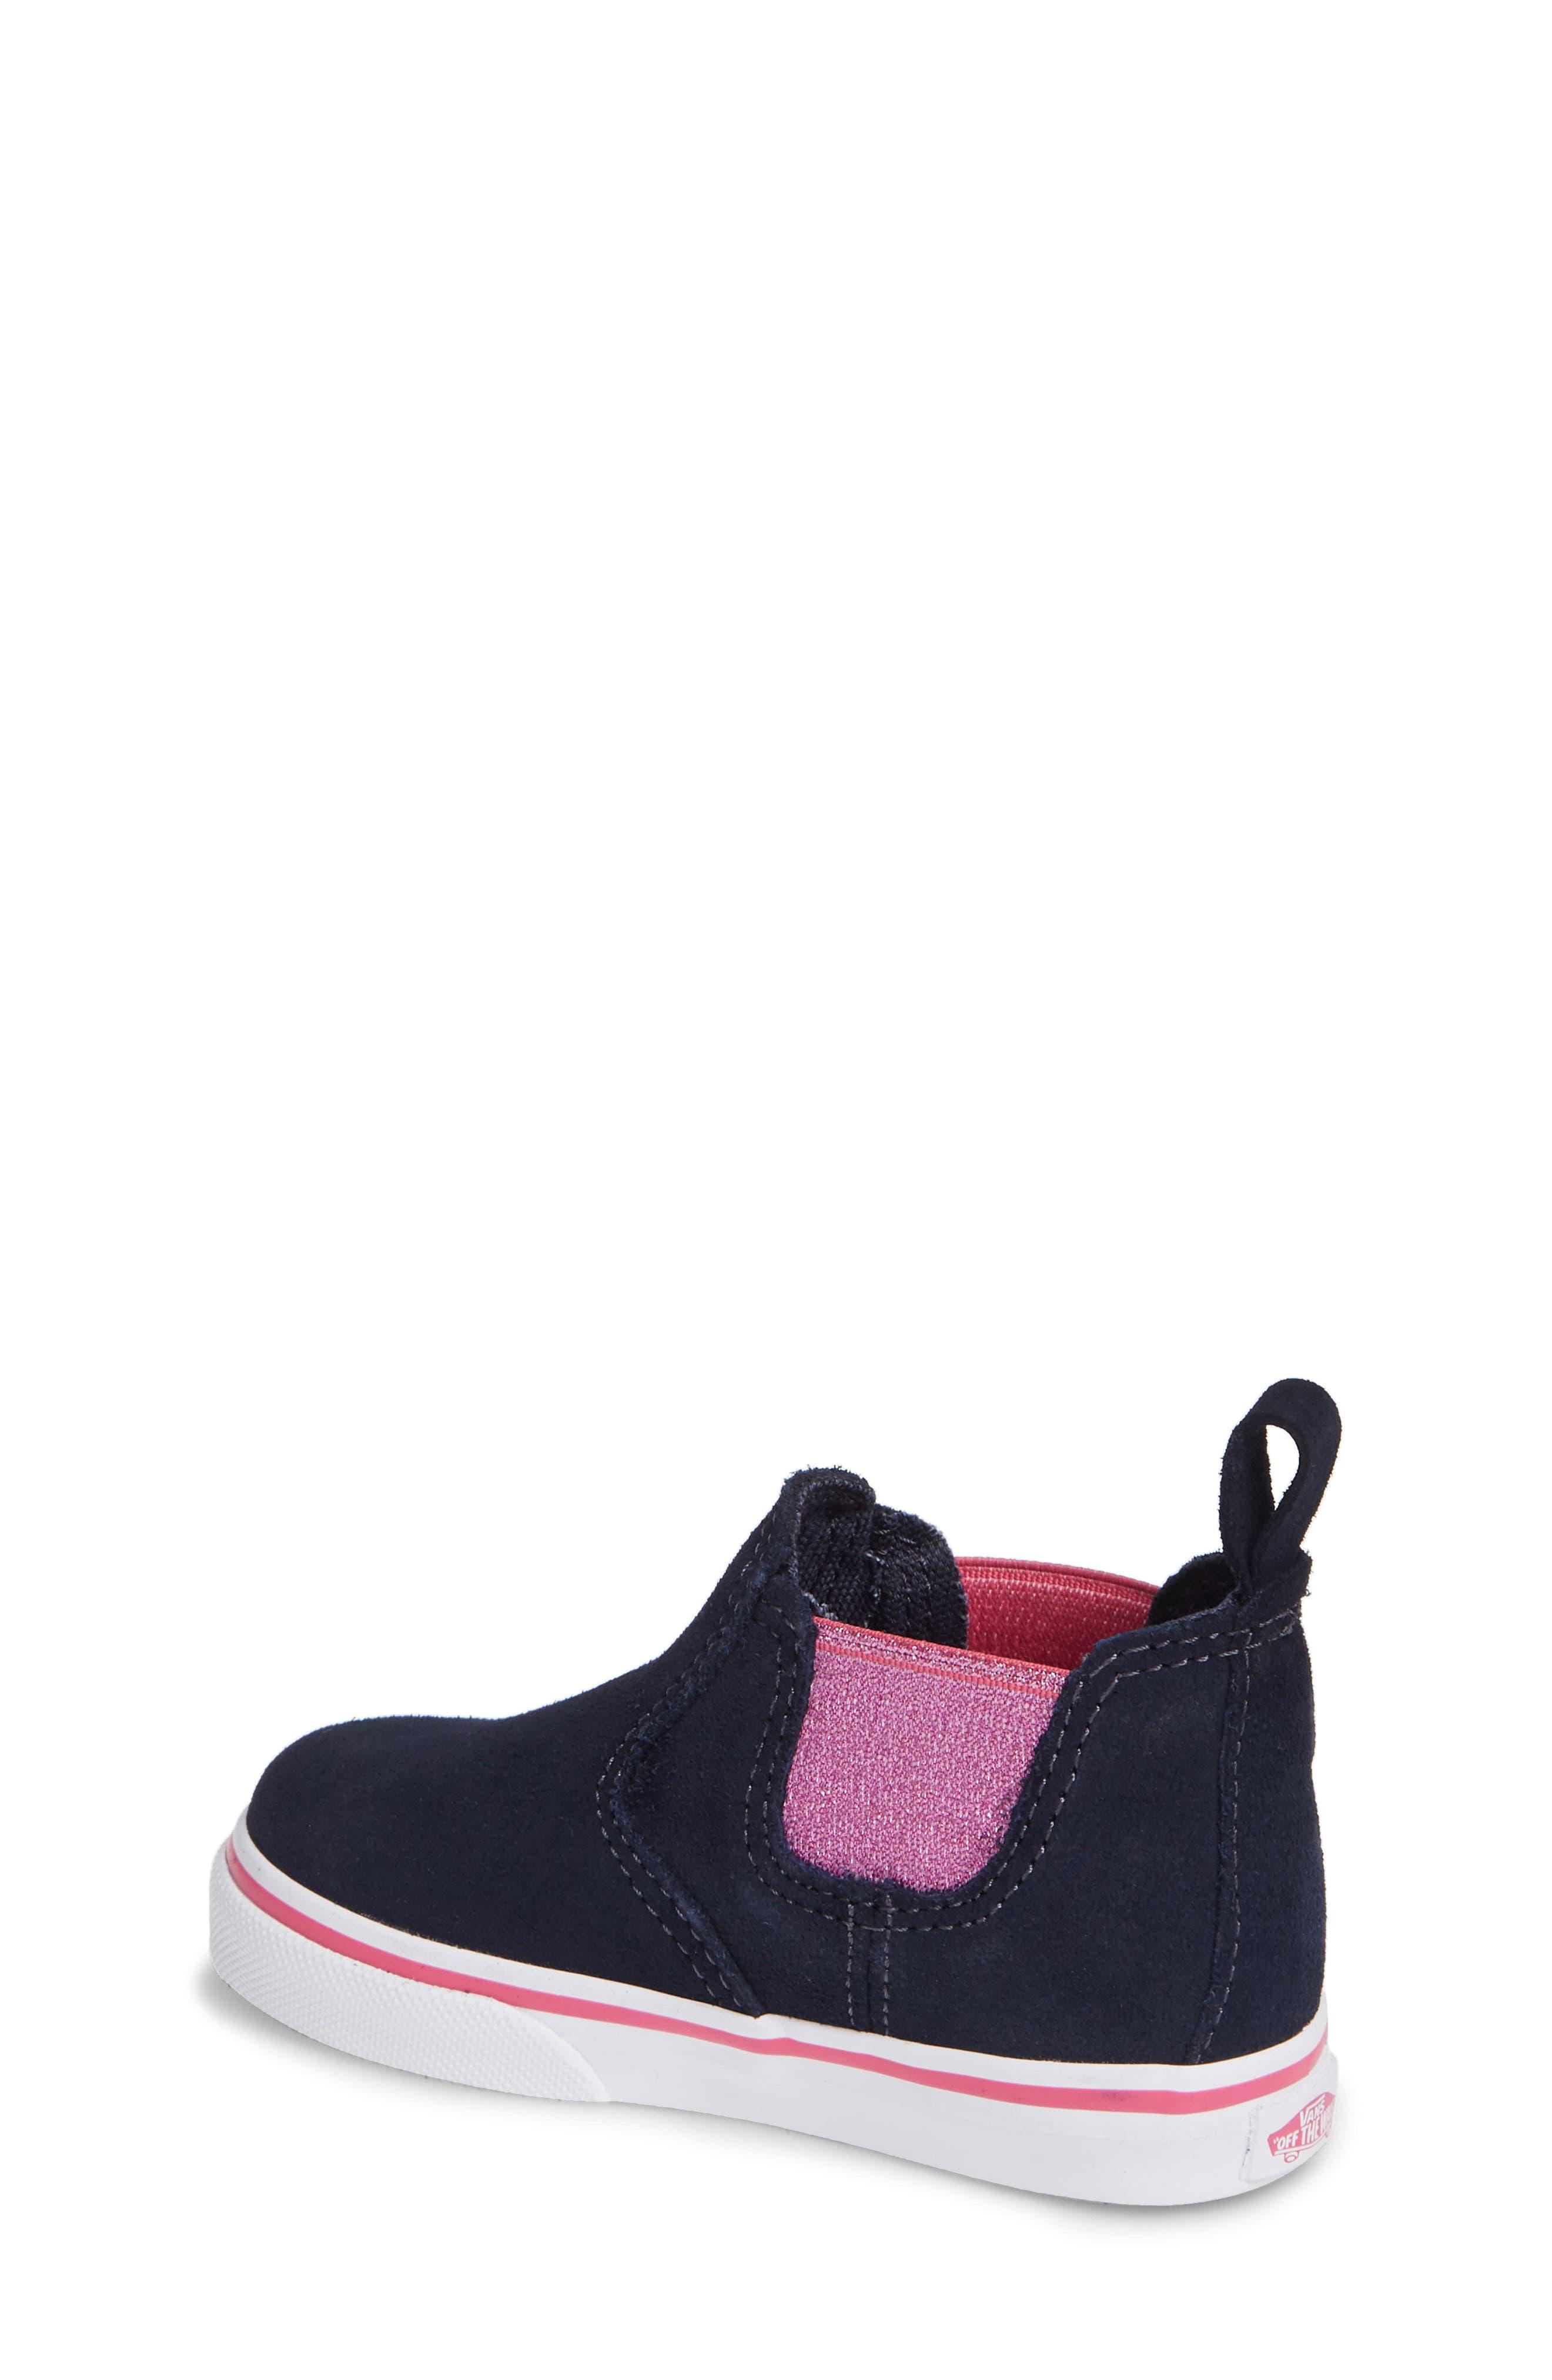 Classic Slip-On Sneaker,                             Alternate thumbnail 2, color,                             421